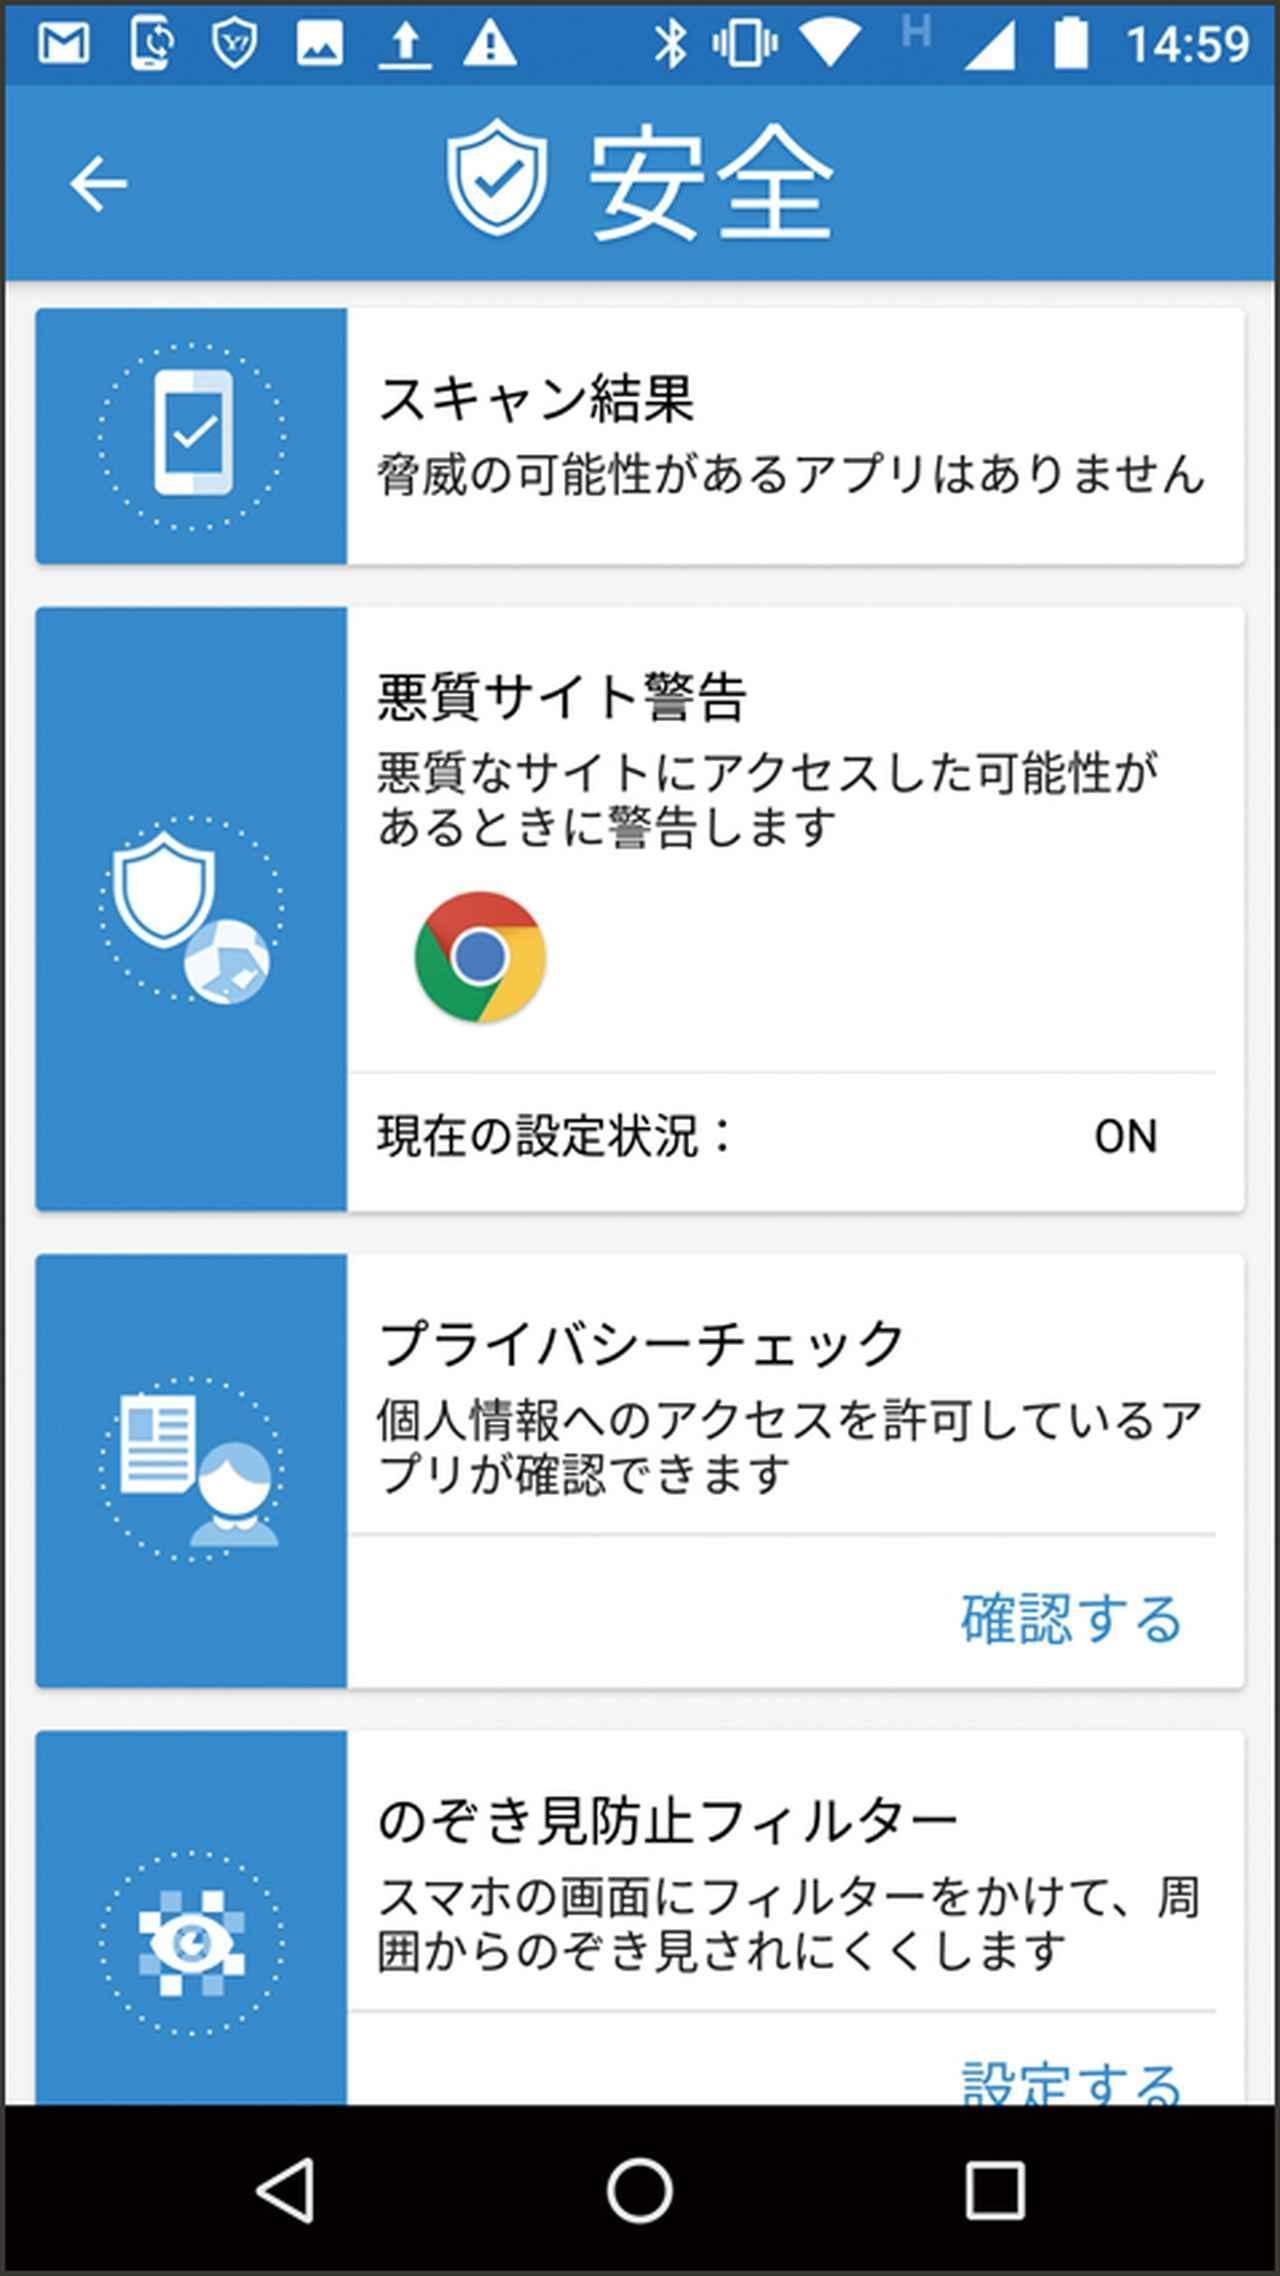 画像: インストール直後に「スキャン」ボタンをタップ。終了後に「要確認」と出るが、アプリを有効にすると「安全」になる。